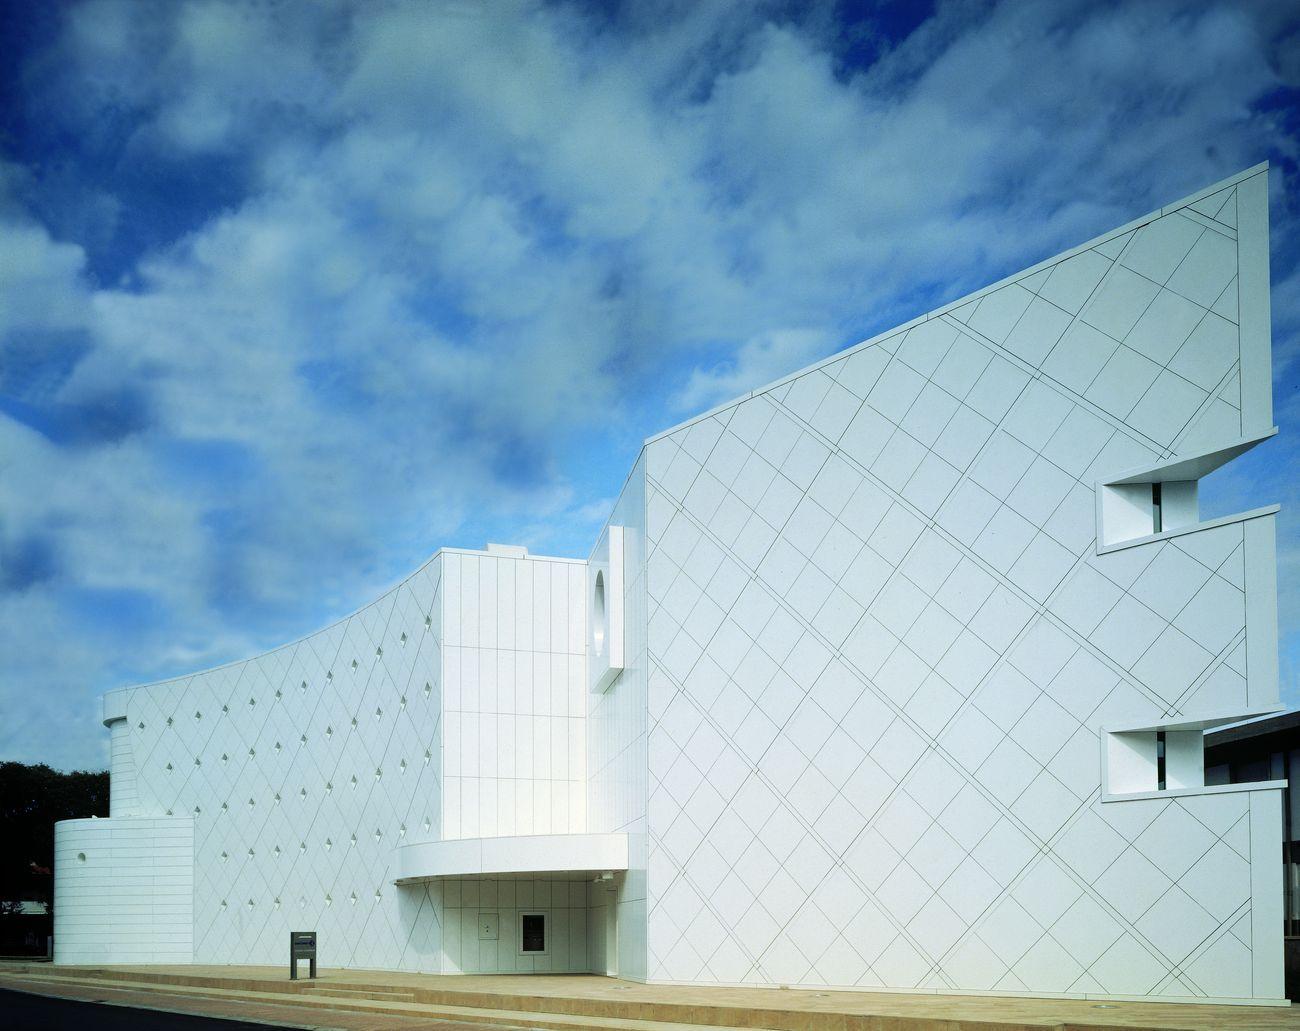 Massimo Mariani Architetto, BCC di Fornacette, Sede di rappresentanza, Fornacette (Pisa), 1995. Photo credits Alessandro Ciampi